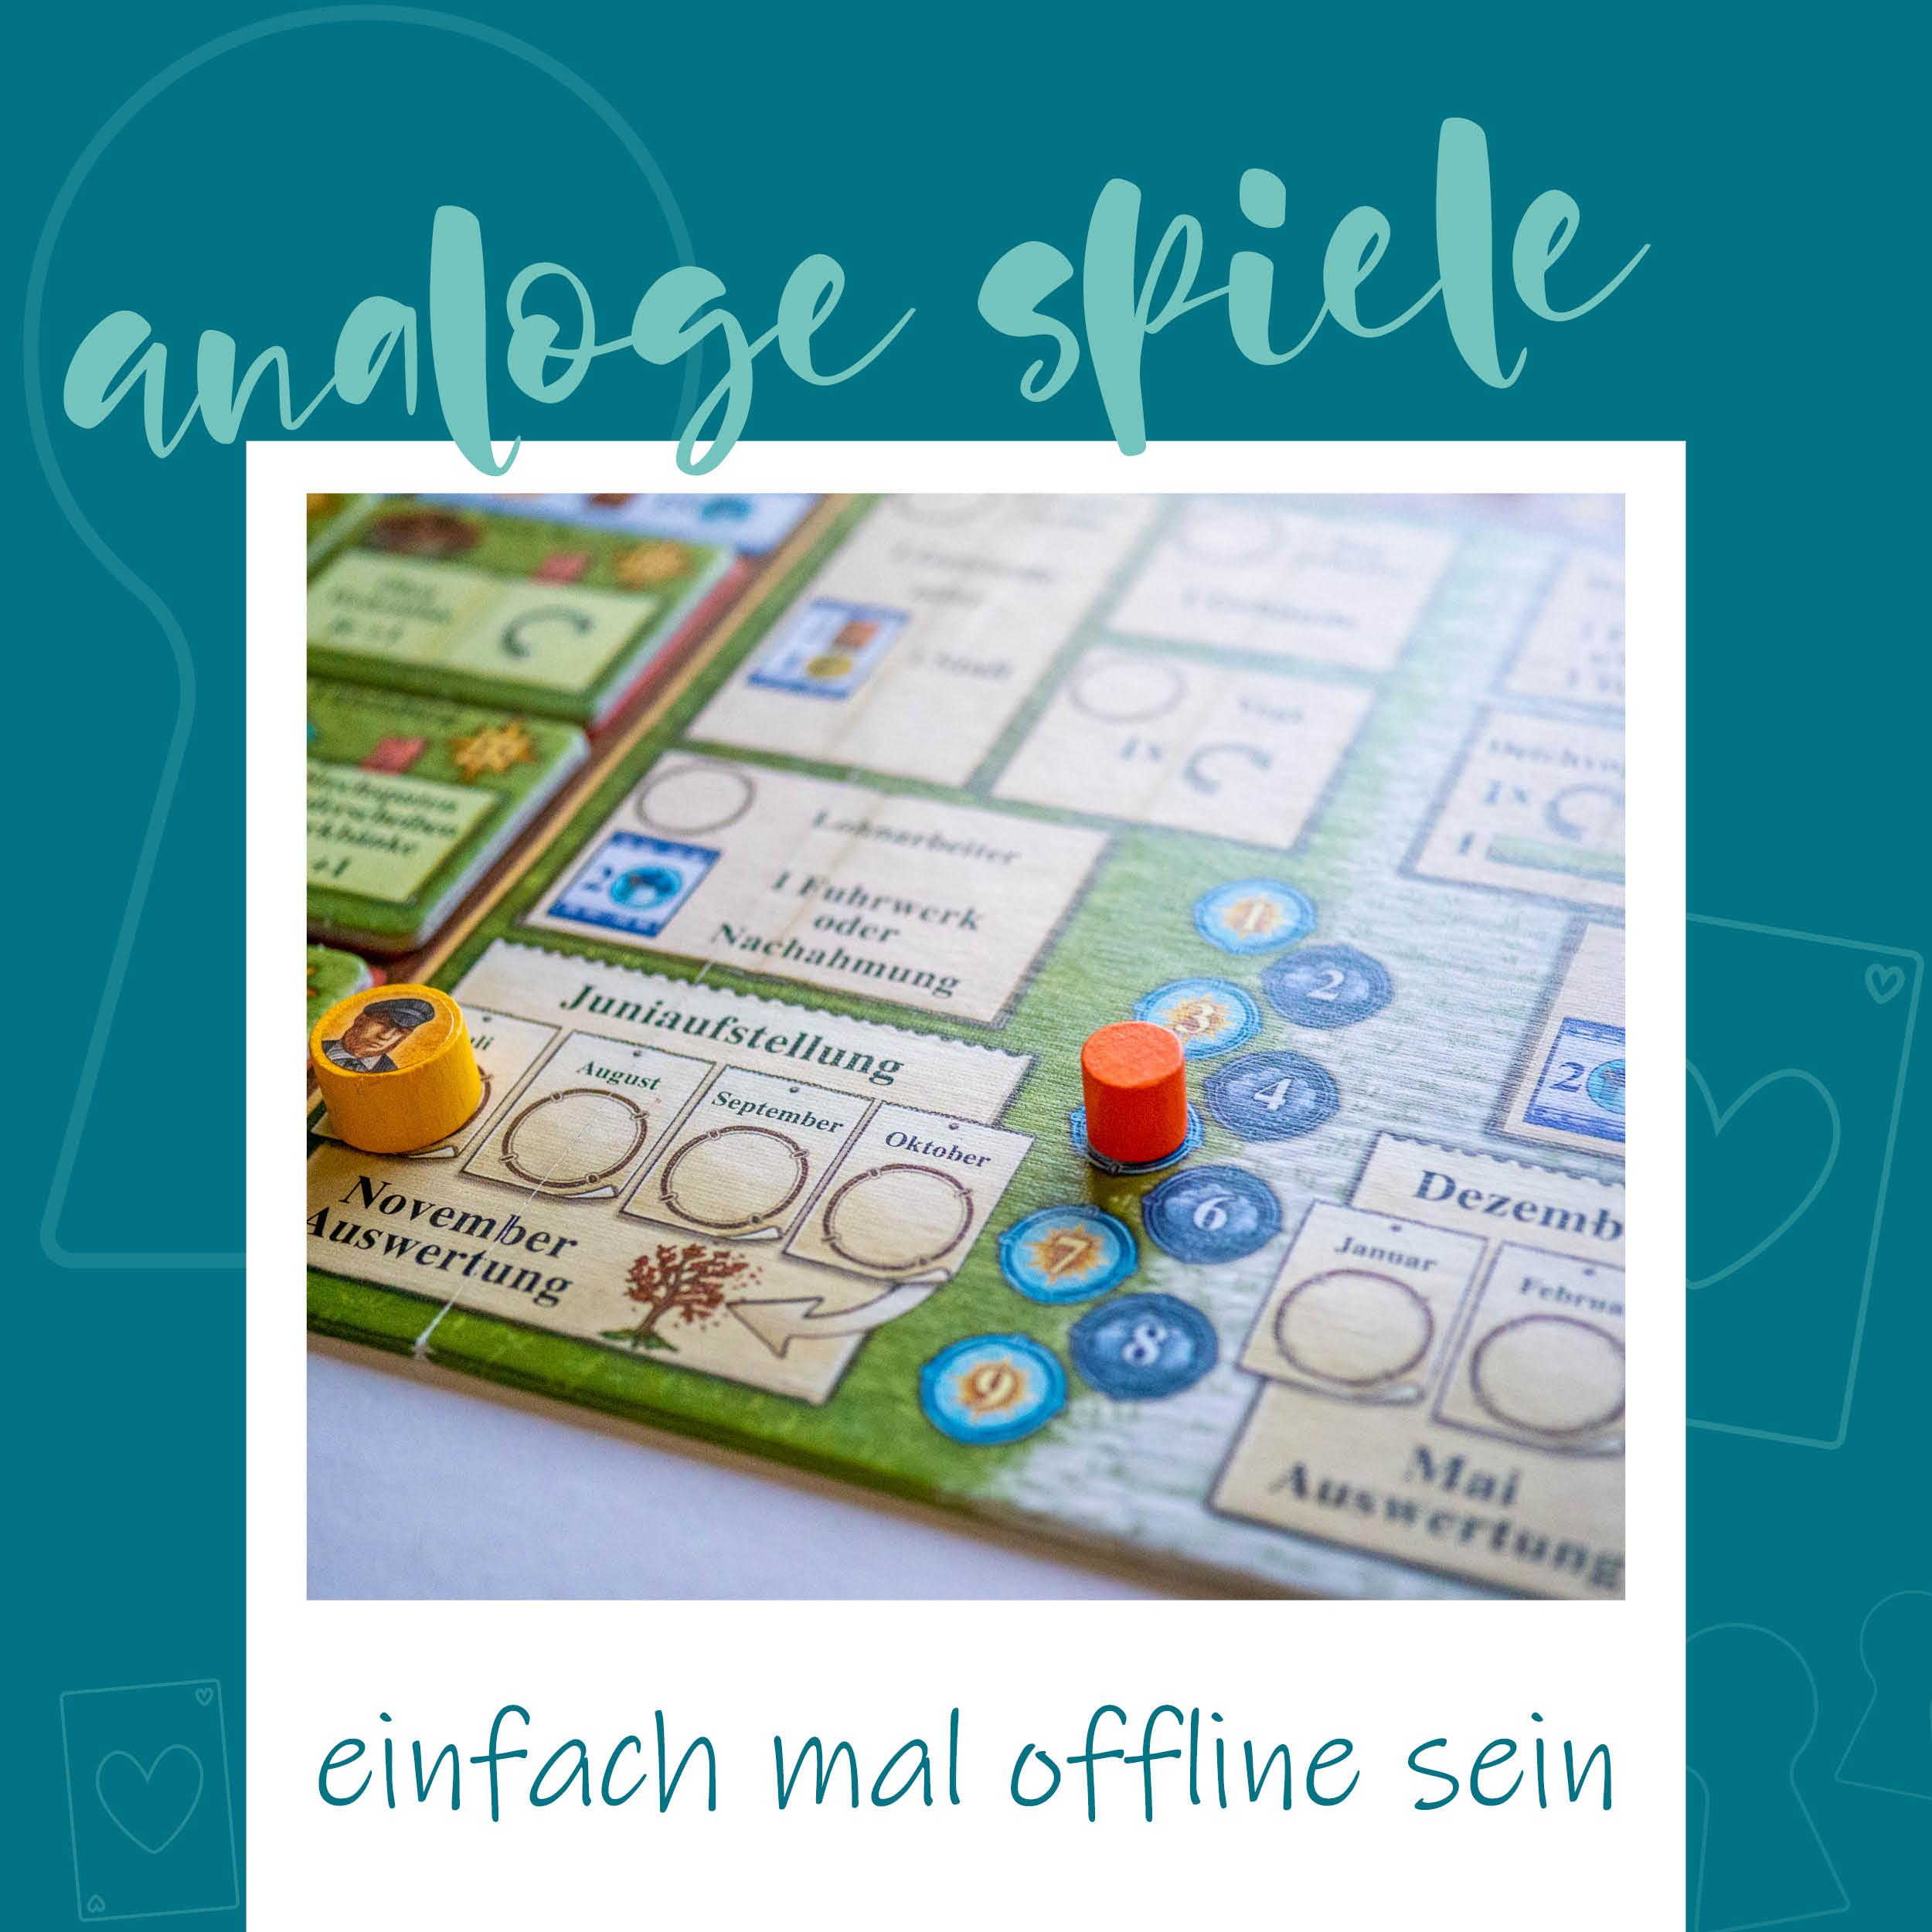 BlauerEisberg_OfflineSpiele